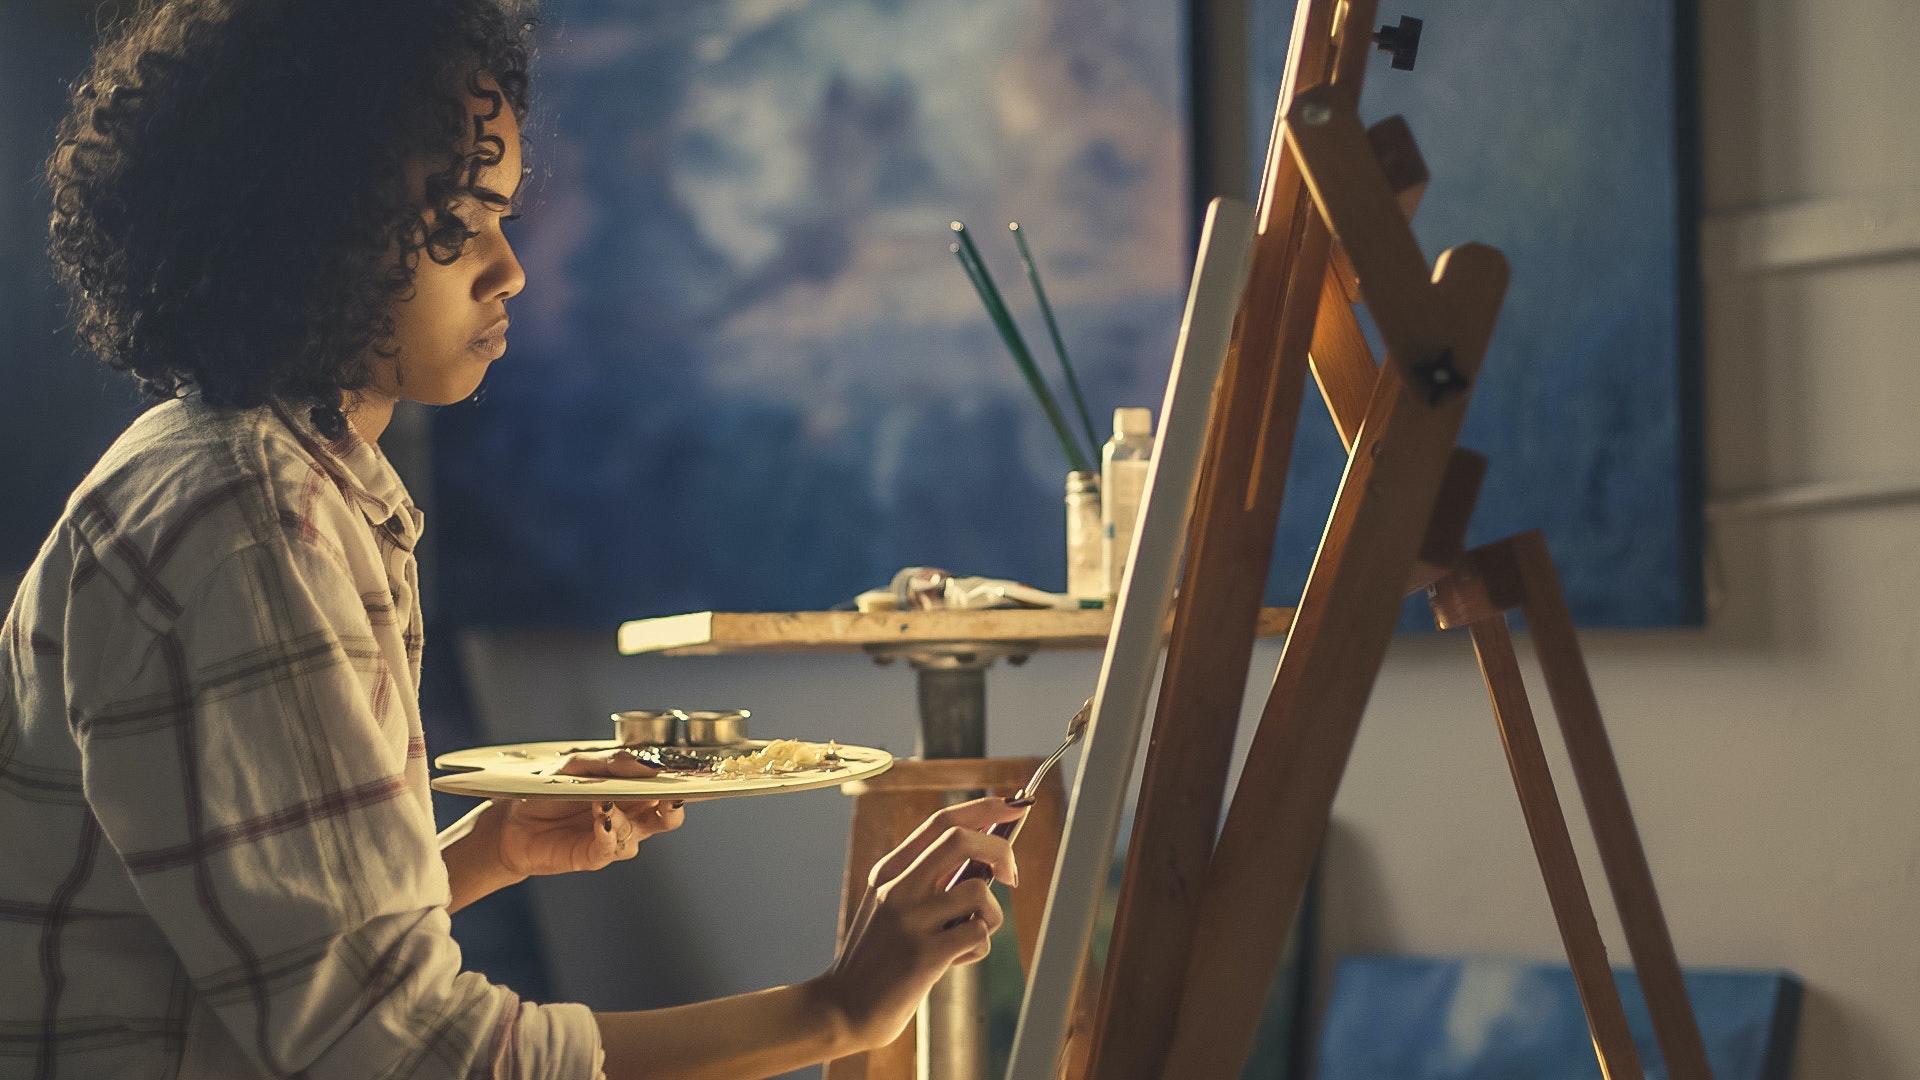 صورة لولد وضع أمامه أدوات الرسم خاصته ليشرع في الرسم والتلوين